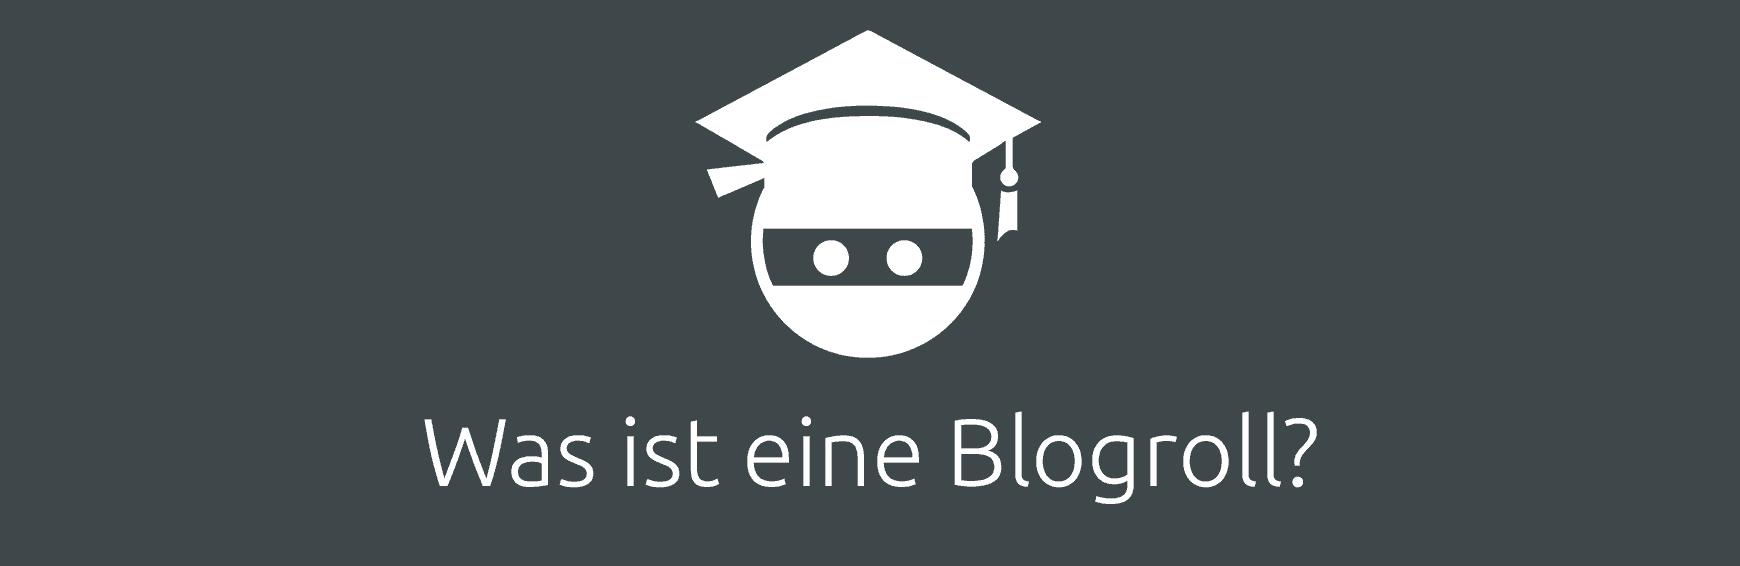 Blogroll Erklärung - Blog Lexikon